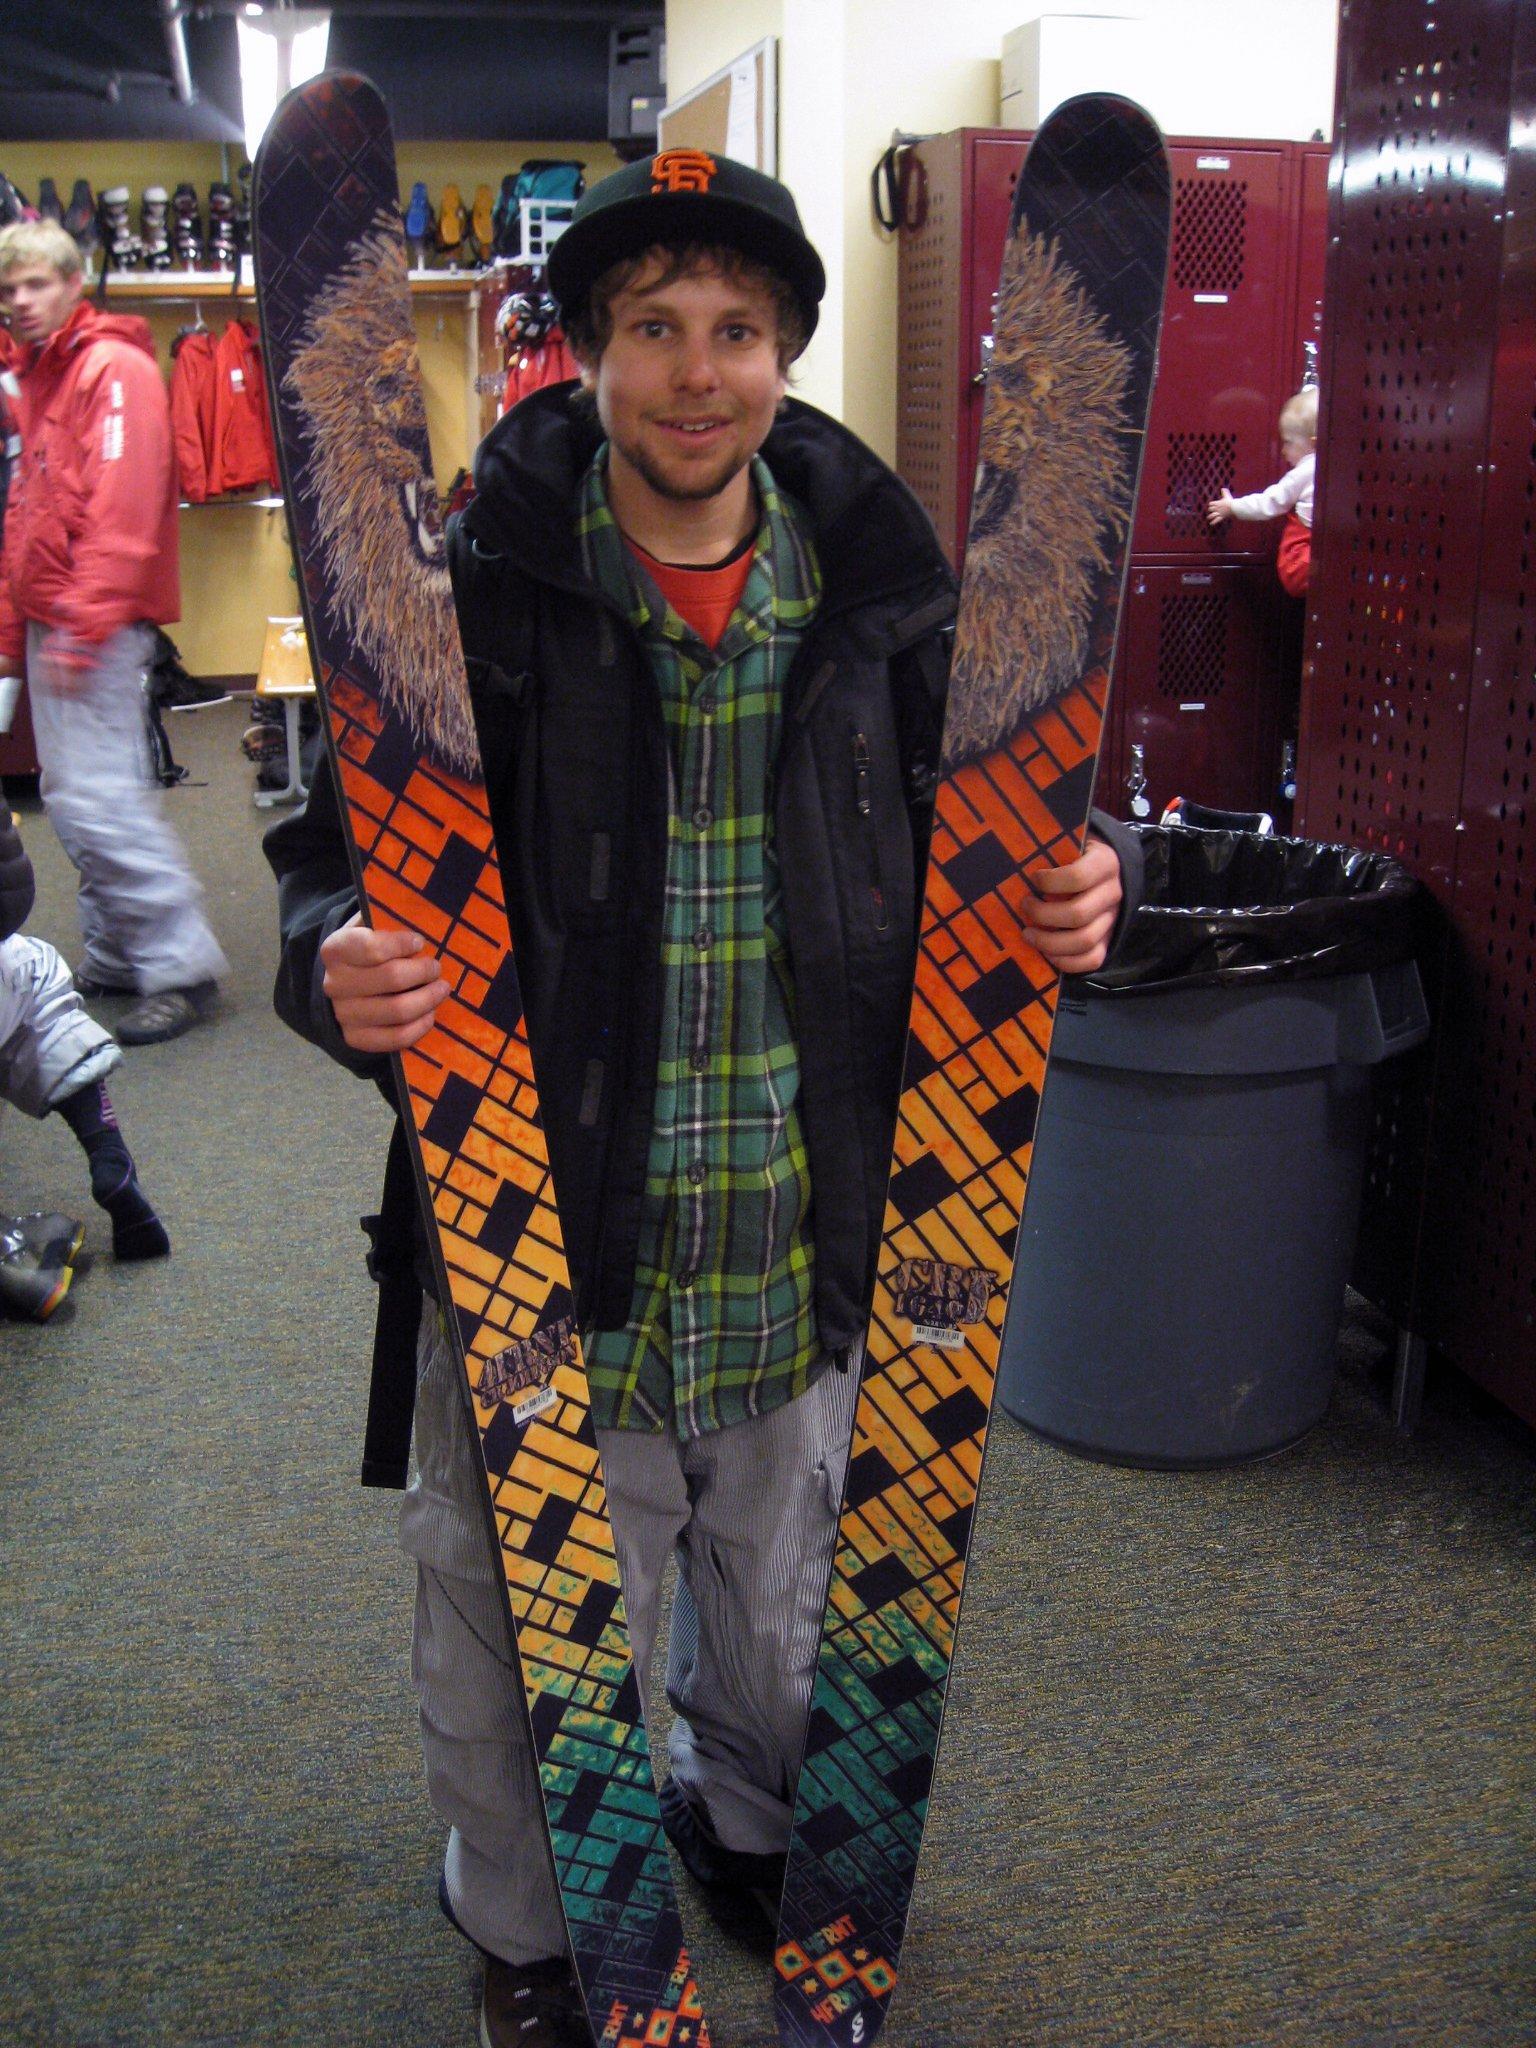 New Ski Stokage